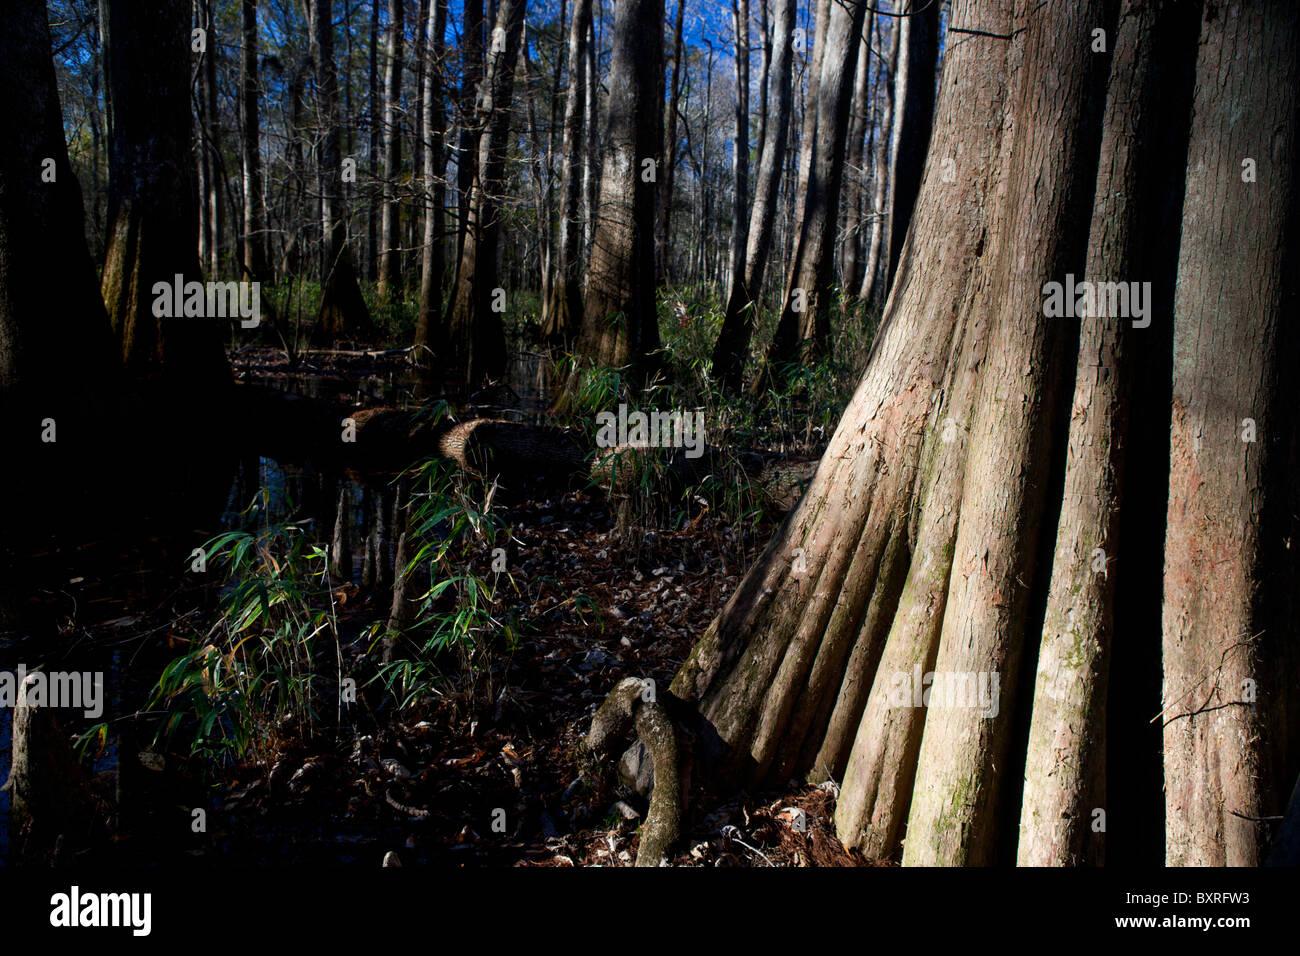 Base of large tree illuminated by sunlight, Congaree National Park, South Carolina, United States of America - Stock Image